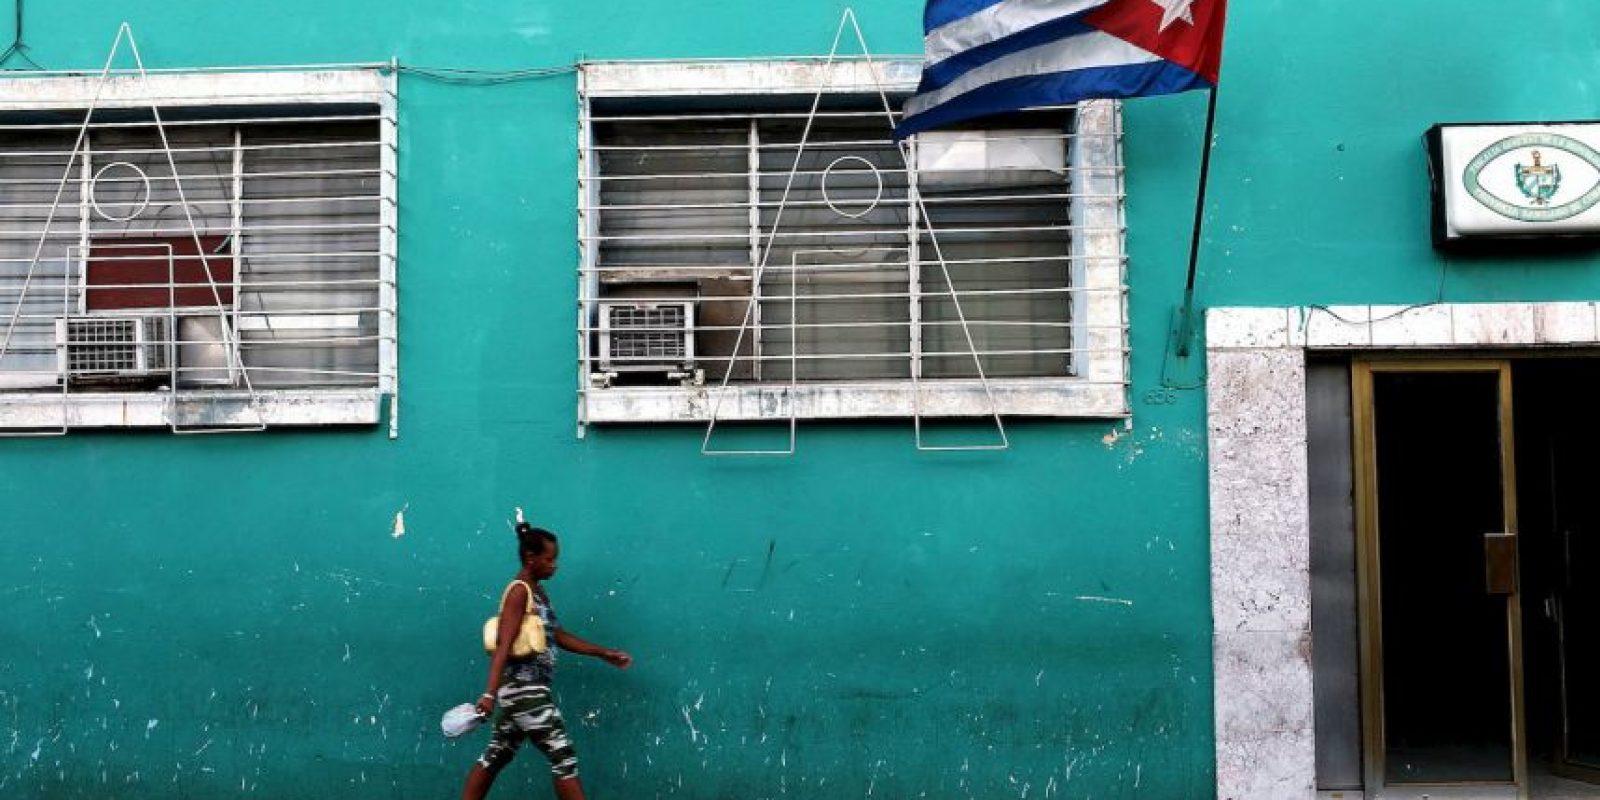 Ya se han presentado dos proyectos de ley en el Congreso con el propósito de normalizar las relaciones con Cuba. Foto:Getty